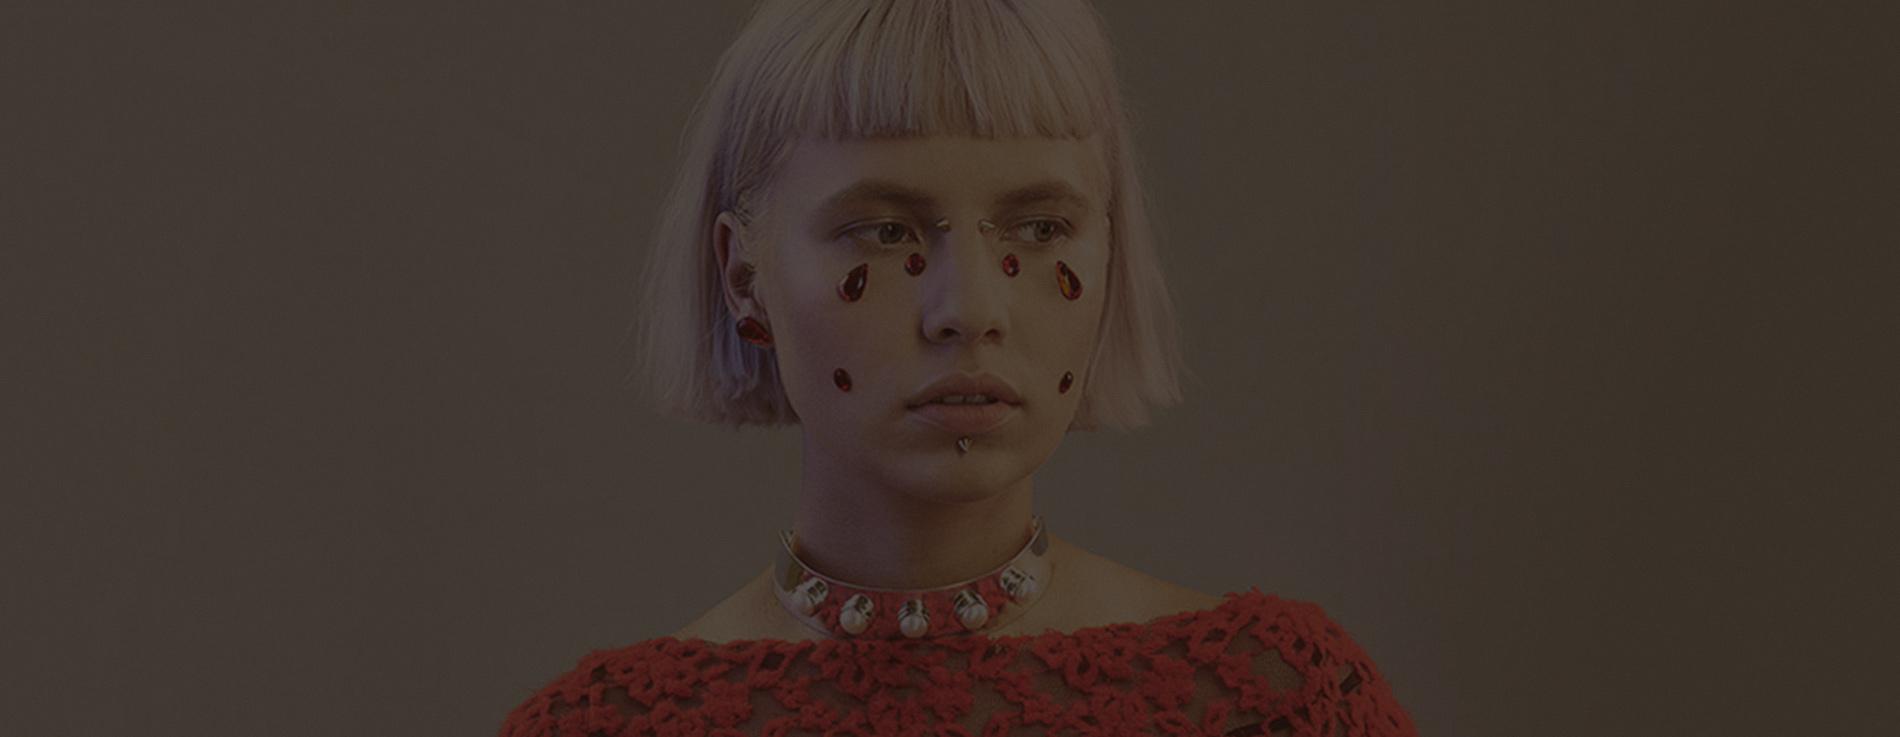 Nahel Moussi - Portfolio